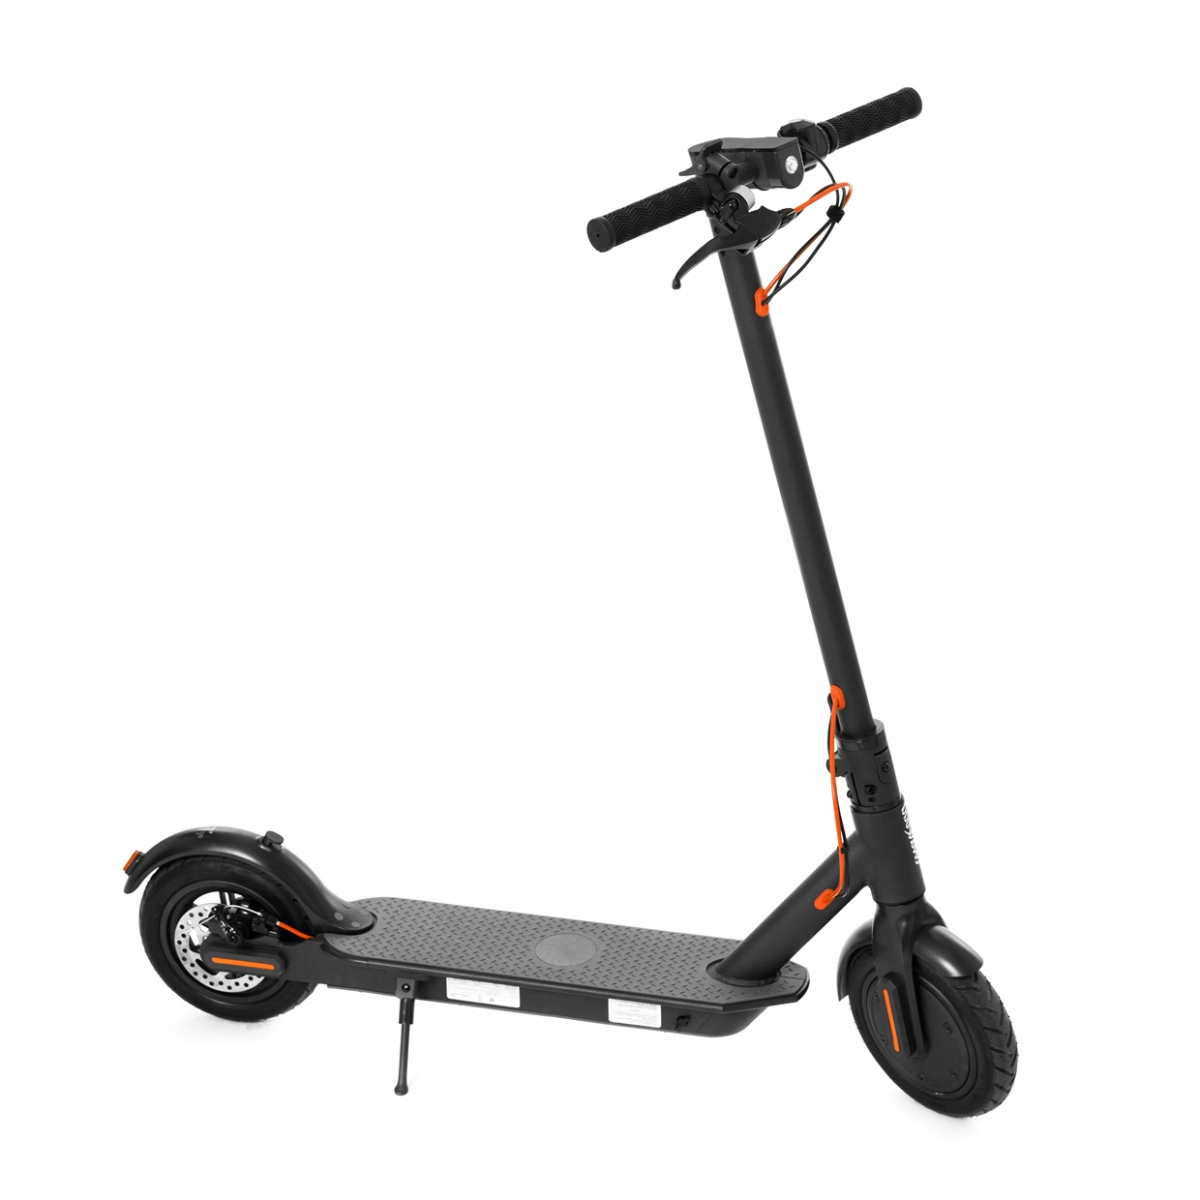 Imagen en la que se ve un patinete eléctrico